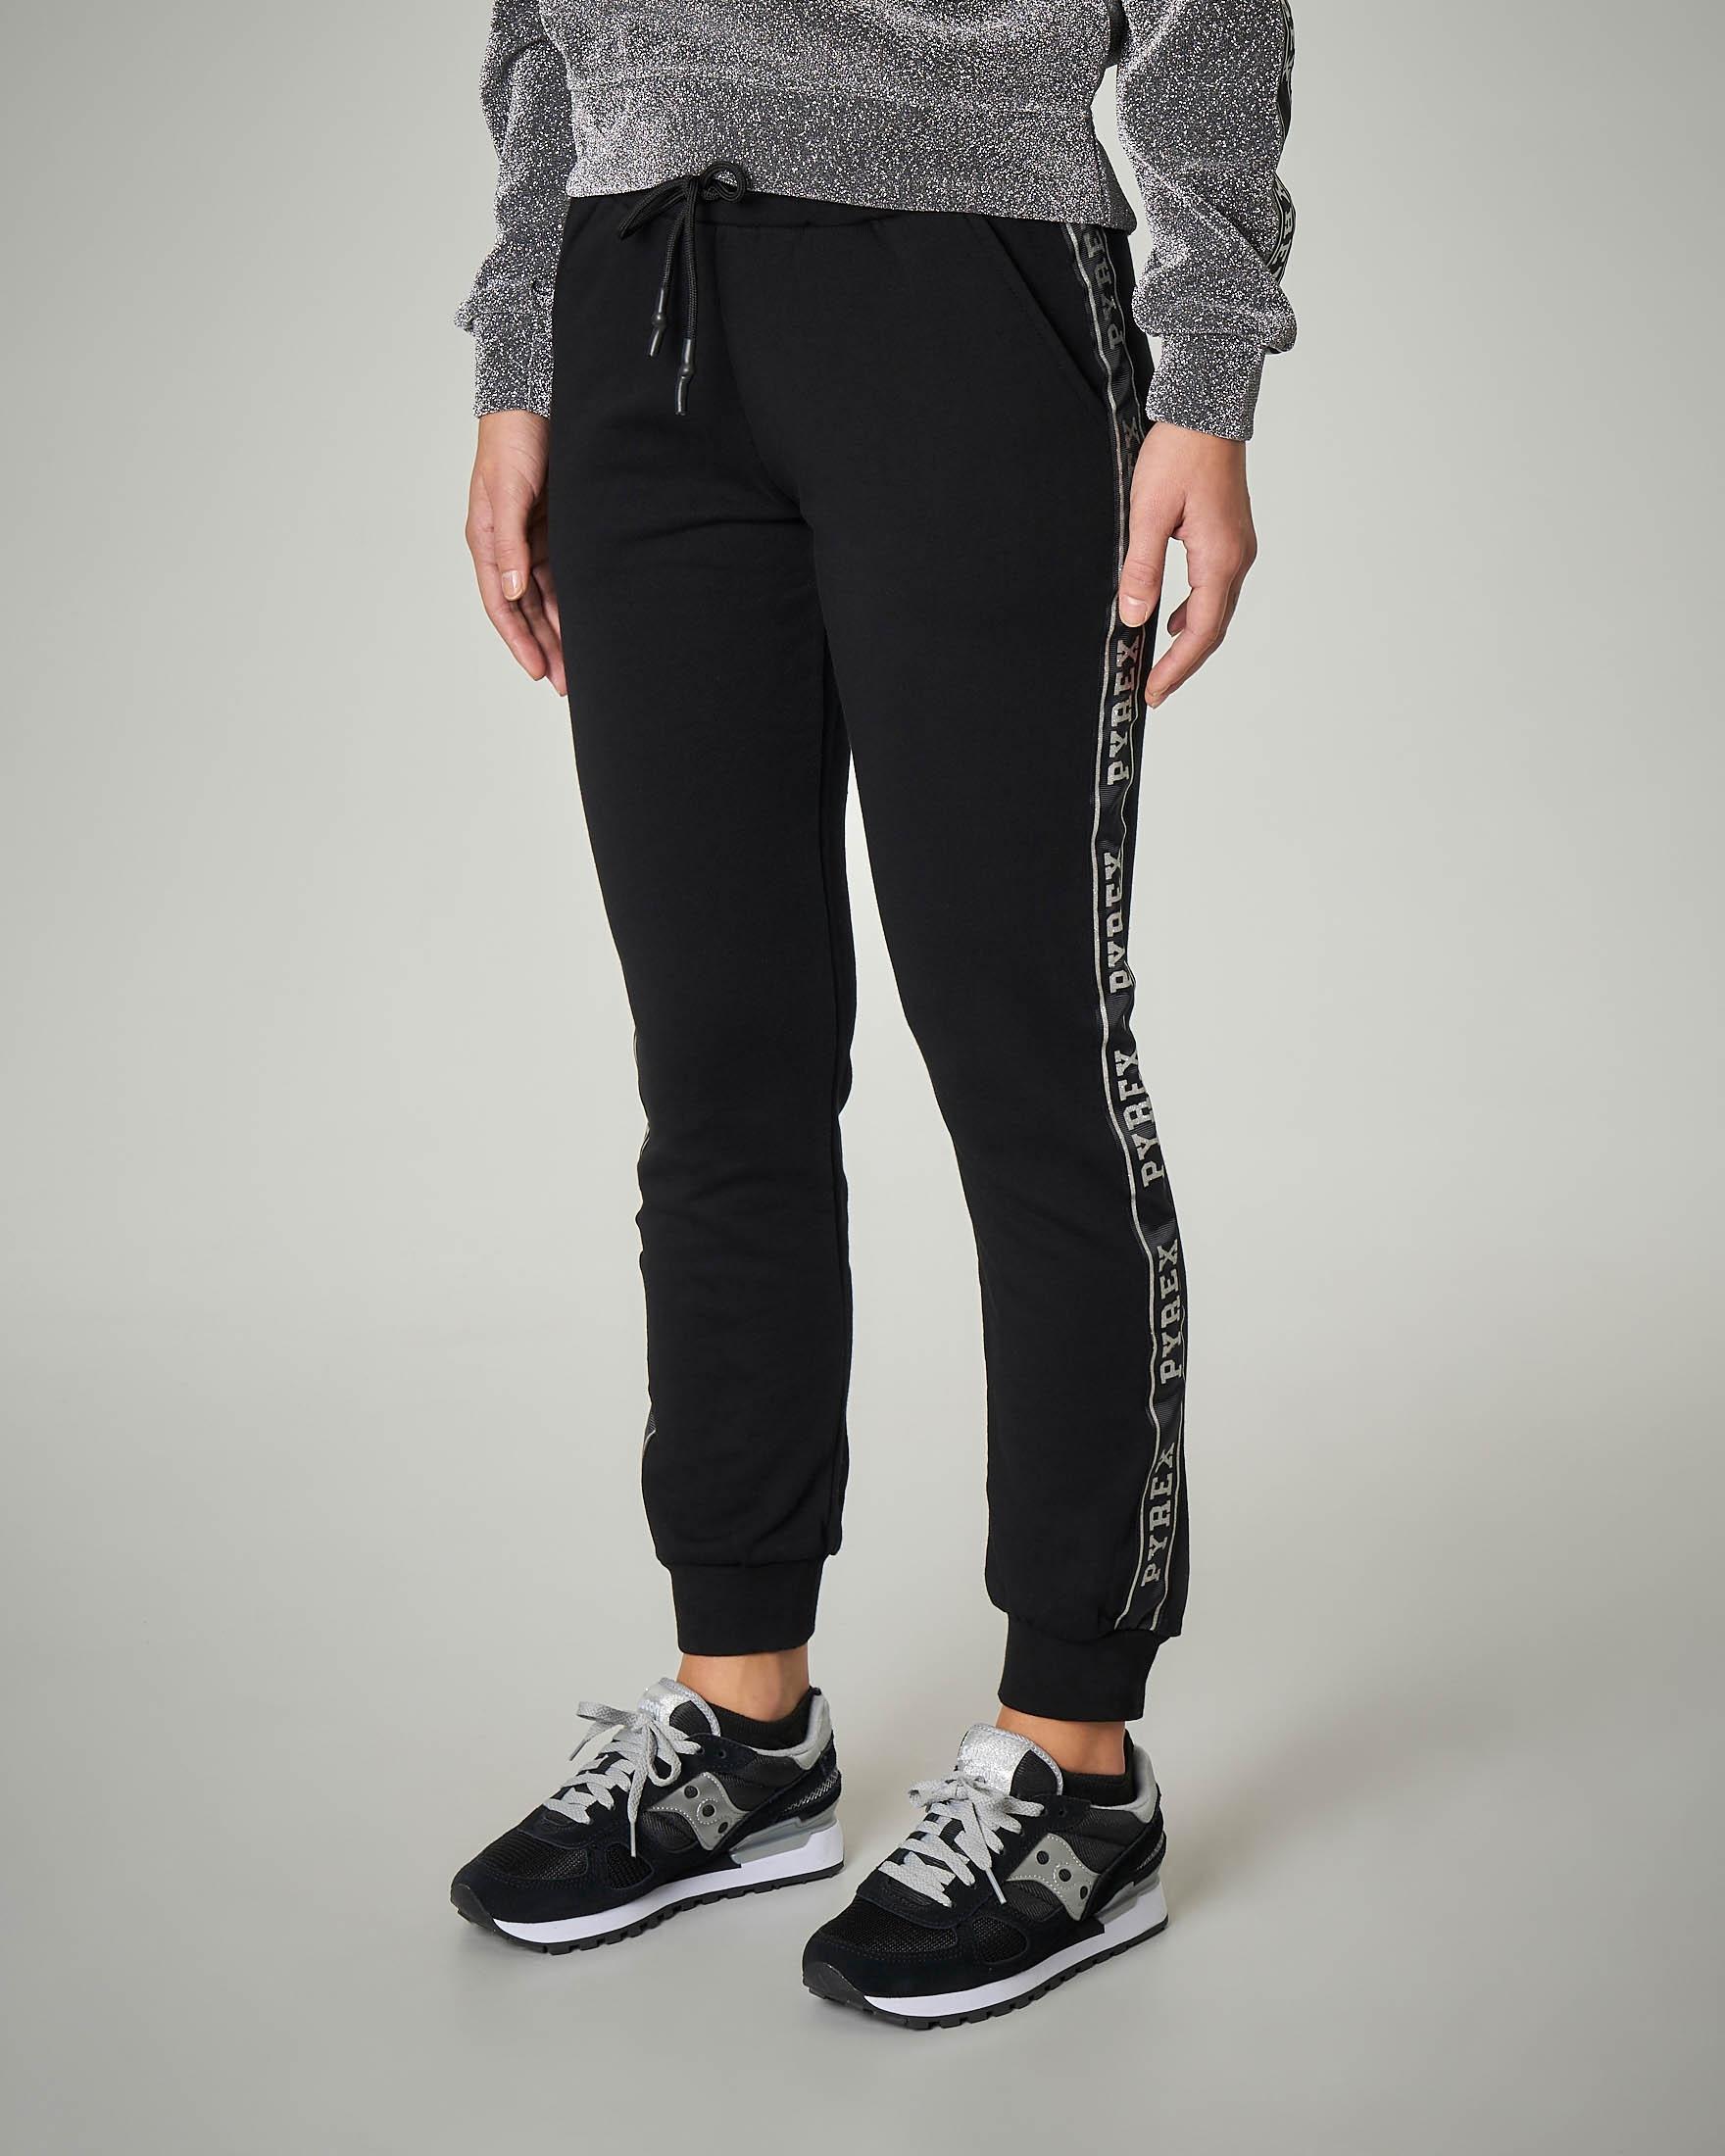 Pantaloni tuta neri con scritta logo